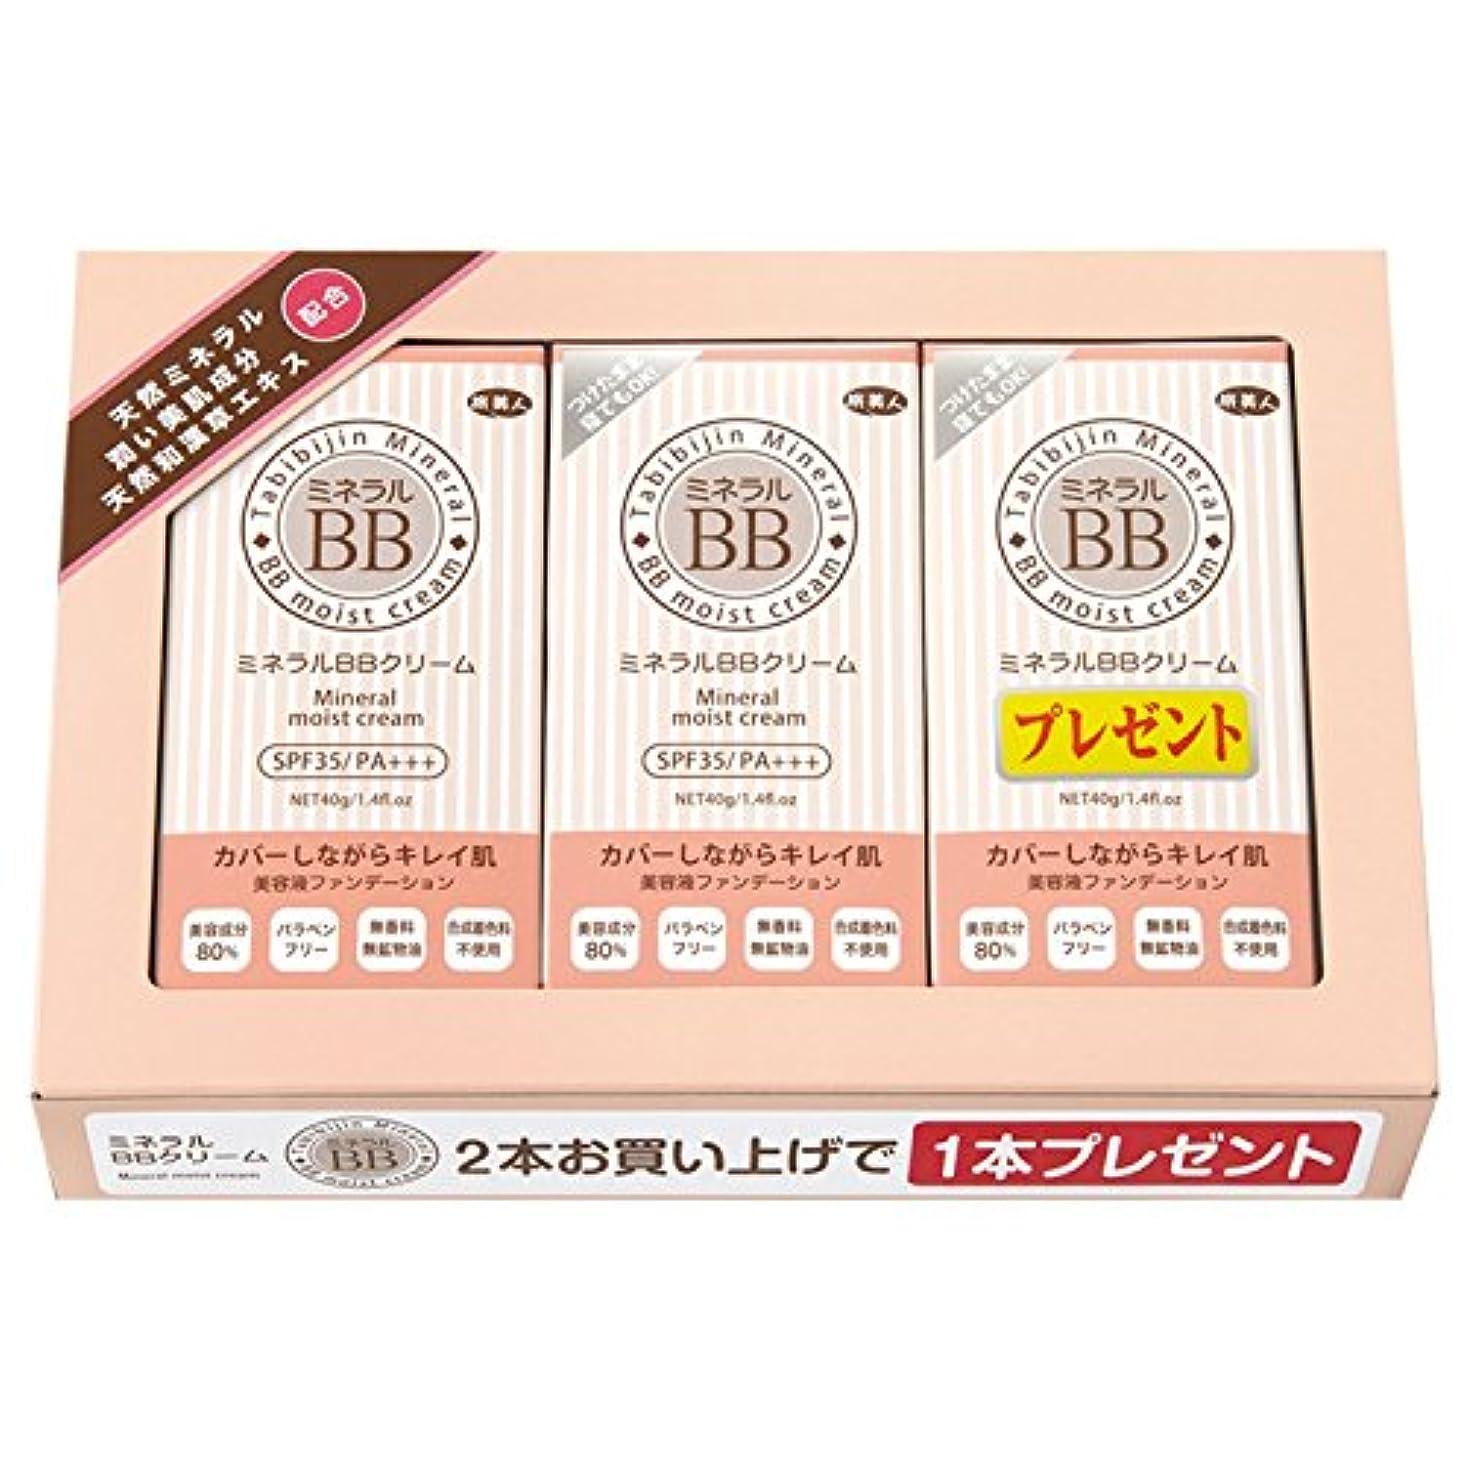 無意味無謀水アズマ商事の ミネラルBBクリーム お得な 2本のお値段で3本入りセット